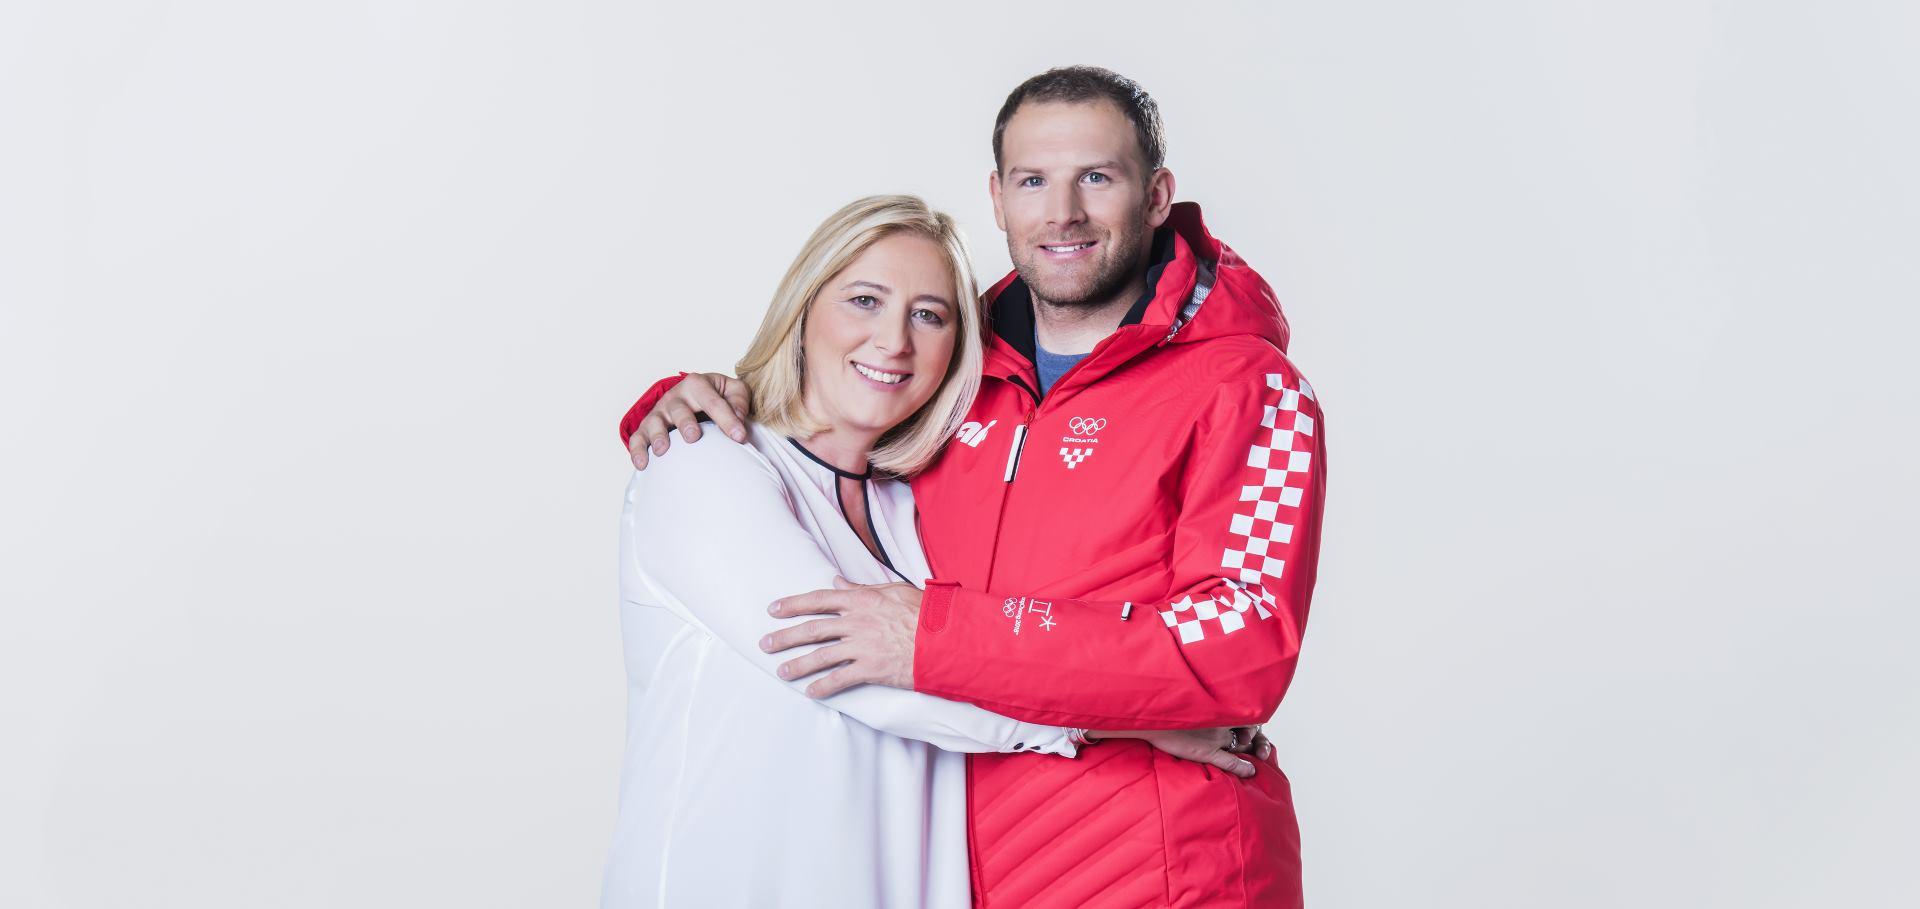 PROCTER&GAMBLE Natko Zrnčić Dim i njegova majka zaštitna su lica kampanje 'Hvala ti mama'